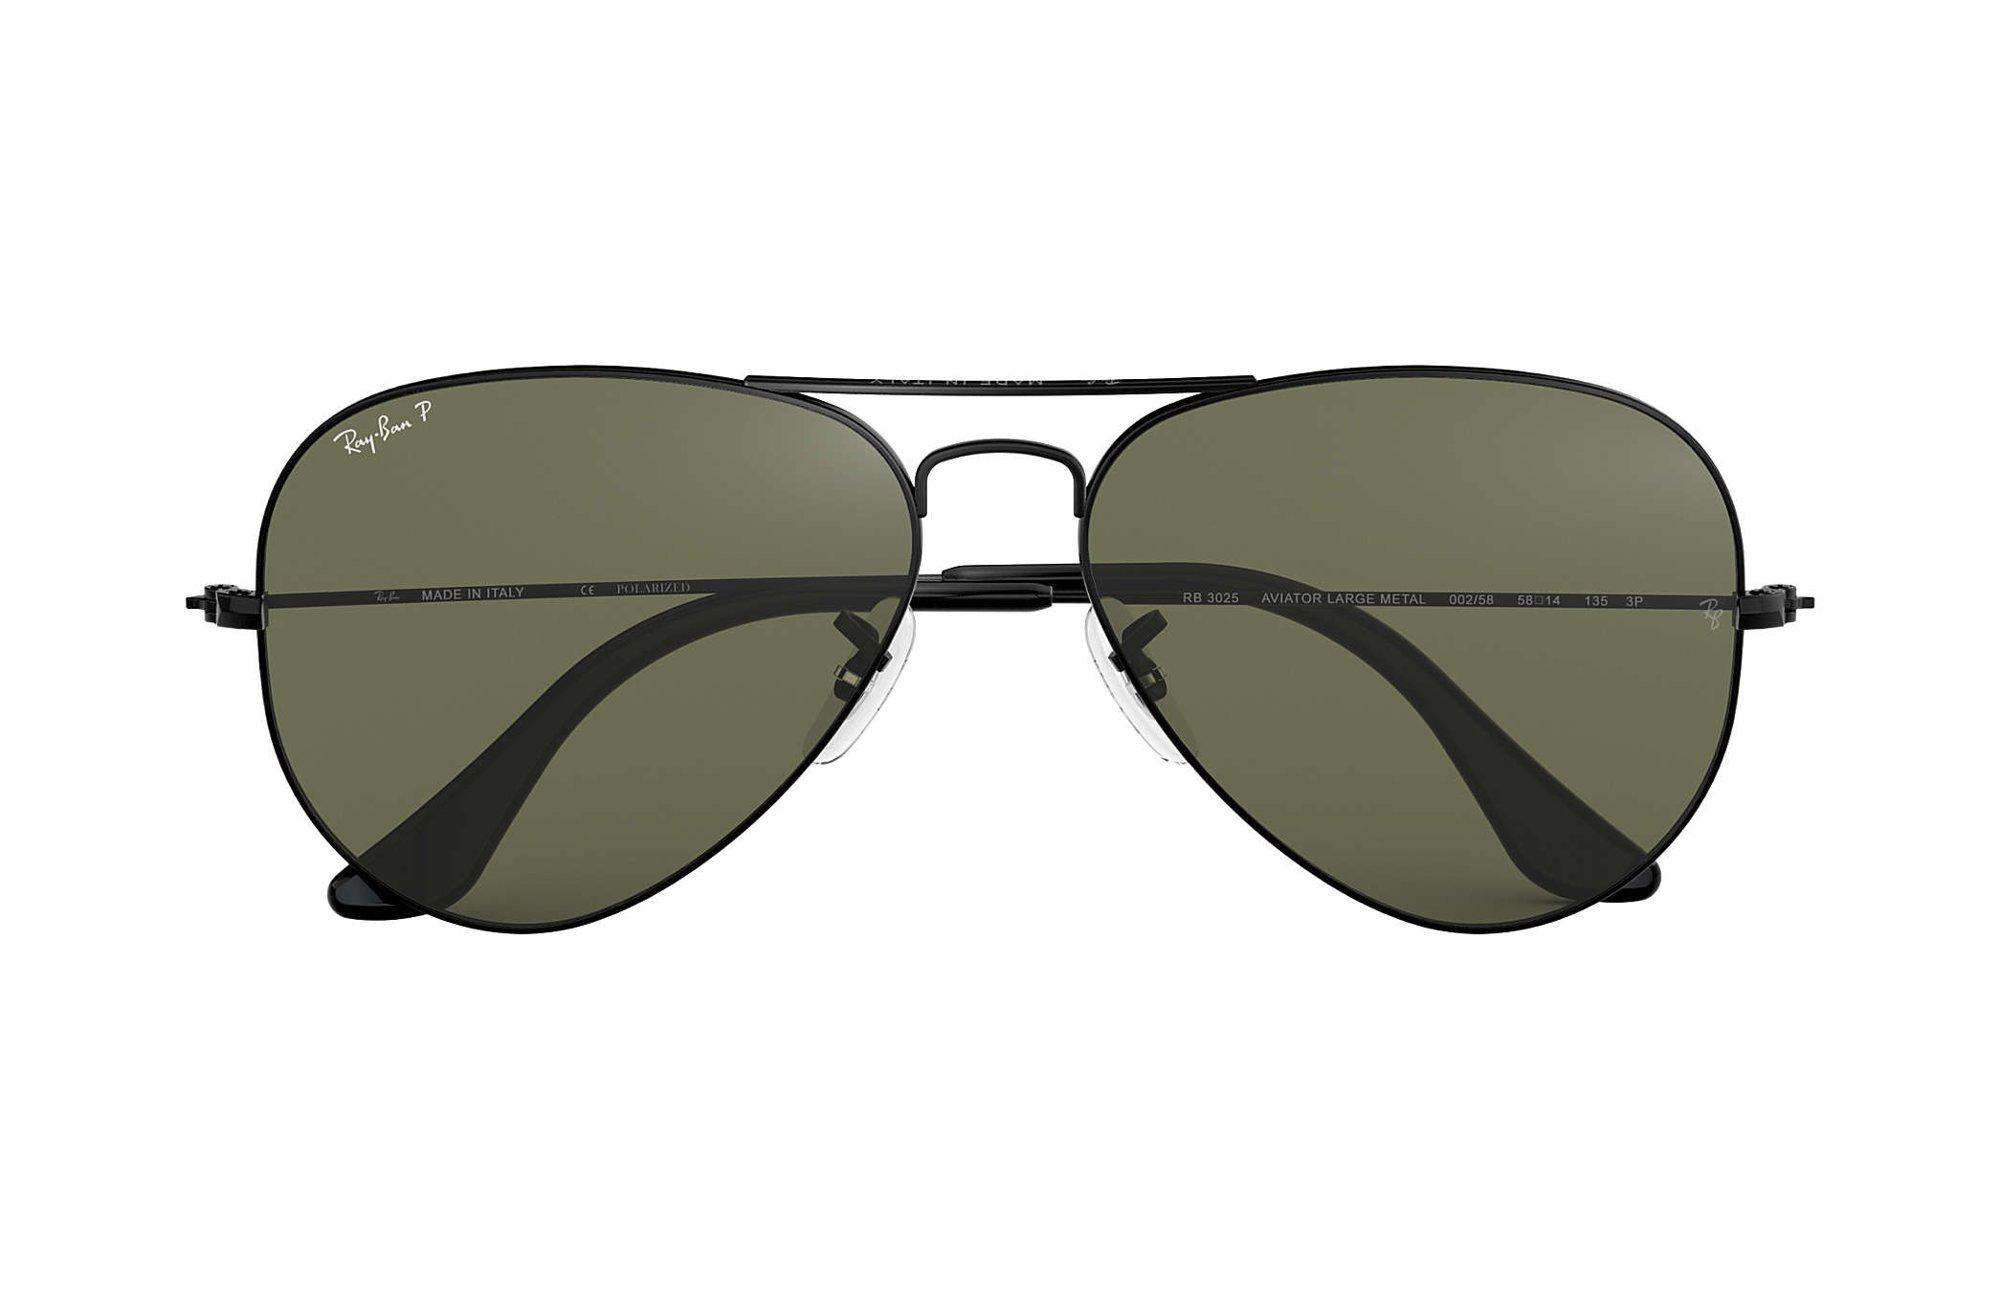 Okulary Przeciwsłoneczne Ray Ban Rb 3025 Aviator Large Metal